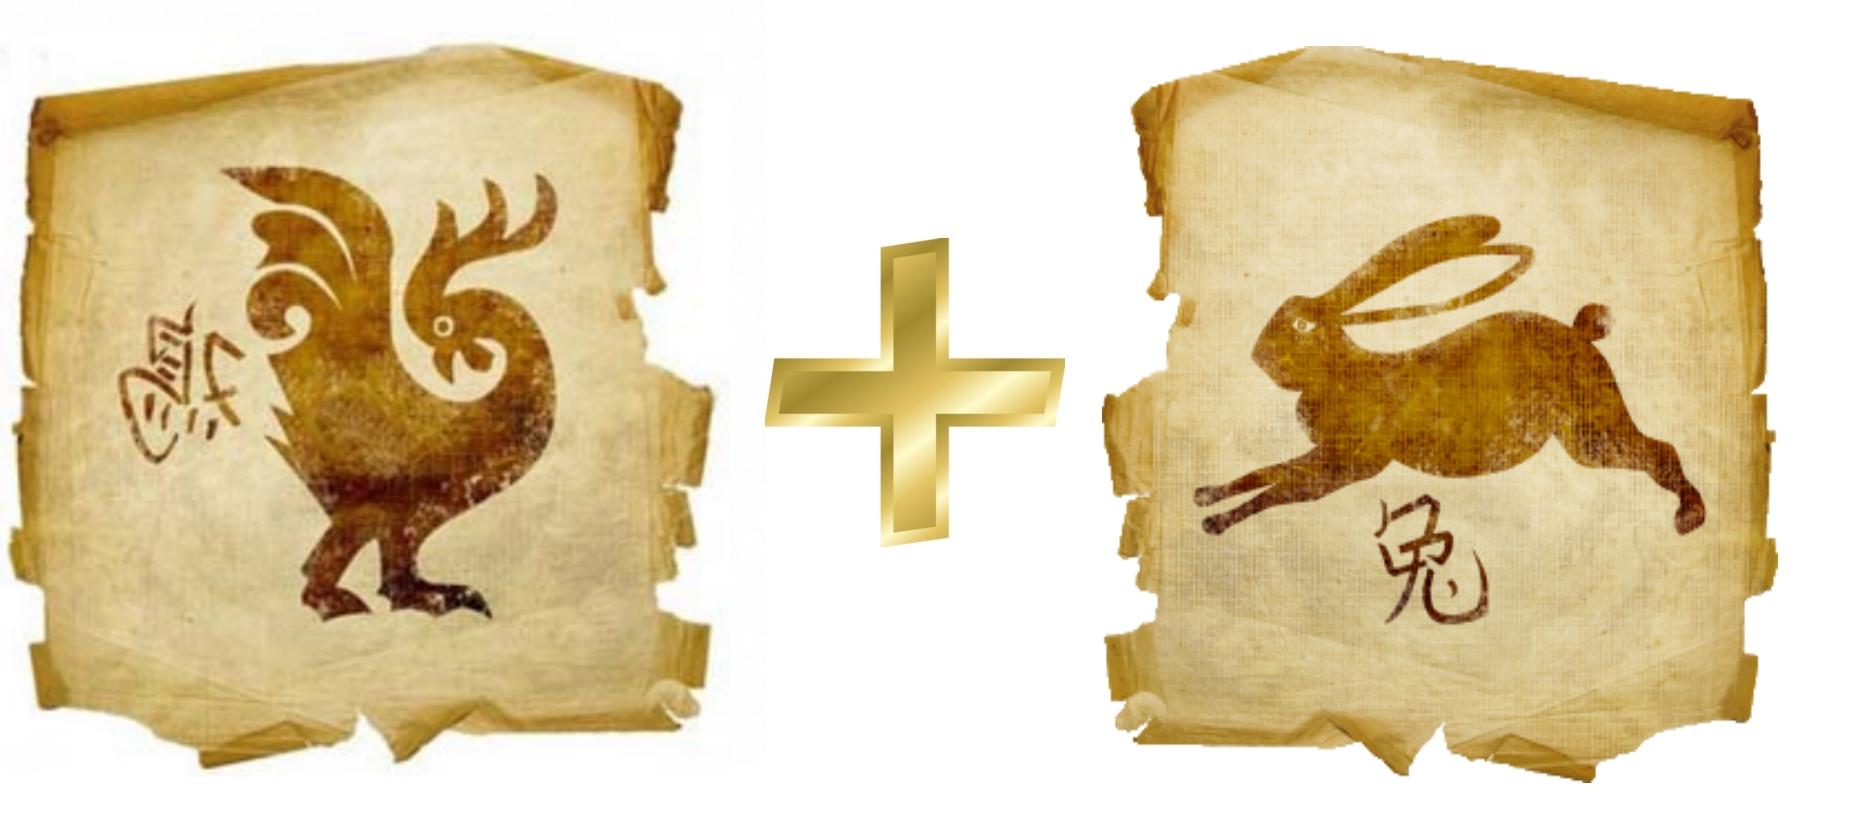 Петух и Кролик: Гороскоп любовной совместимости по знакам